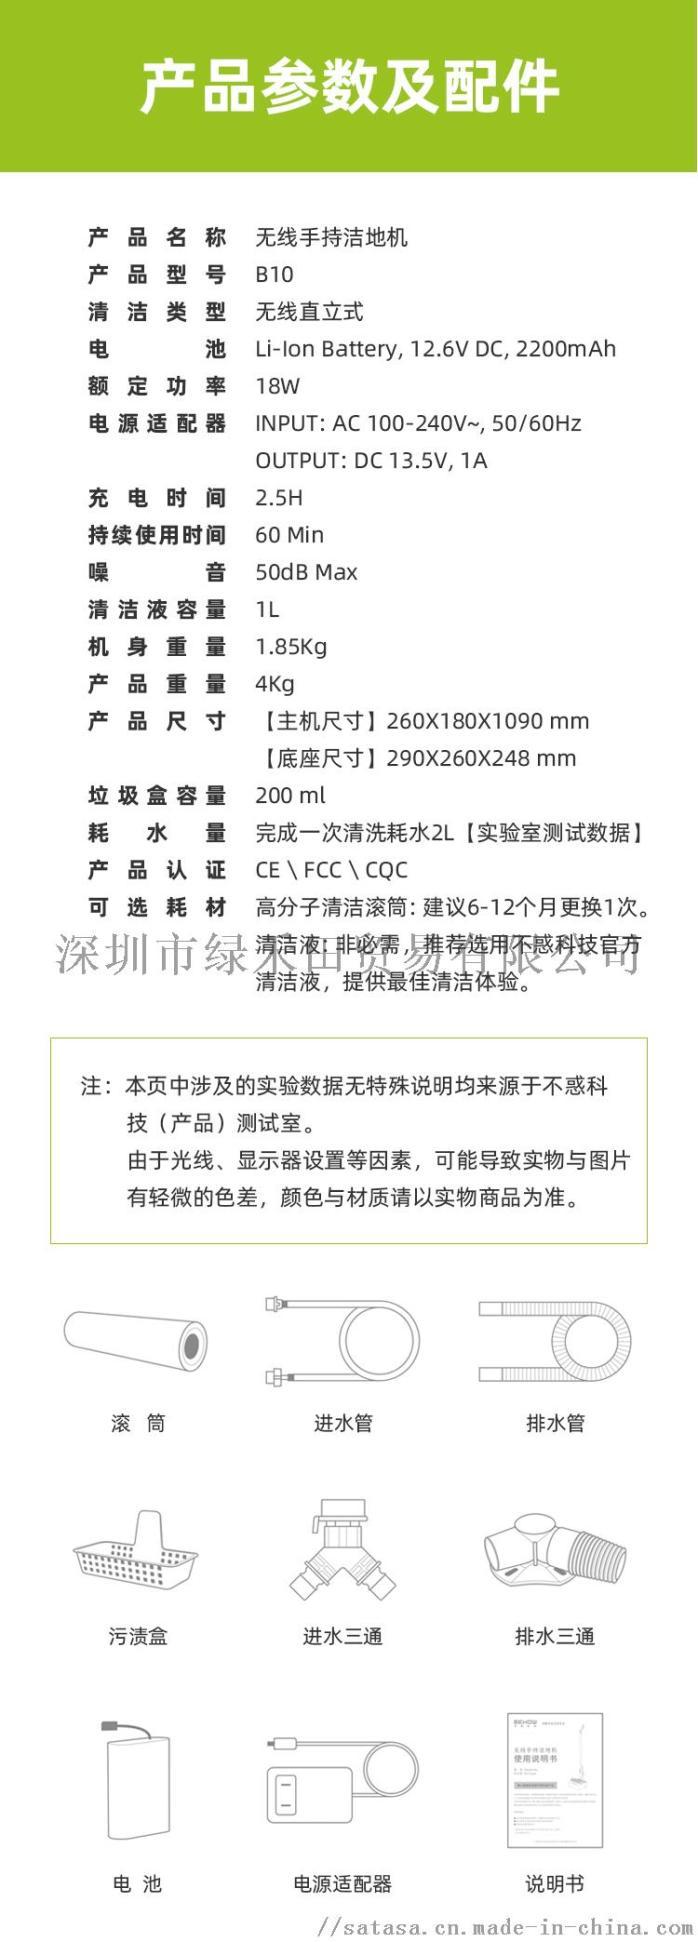 产品详情_16.jpg